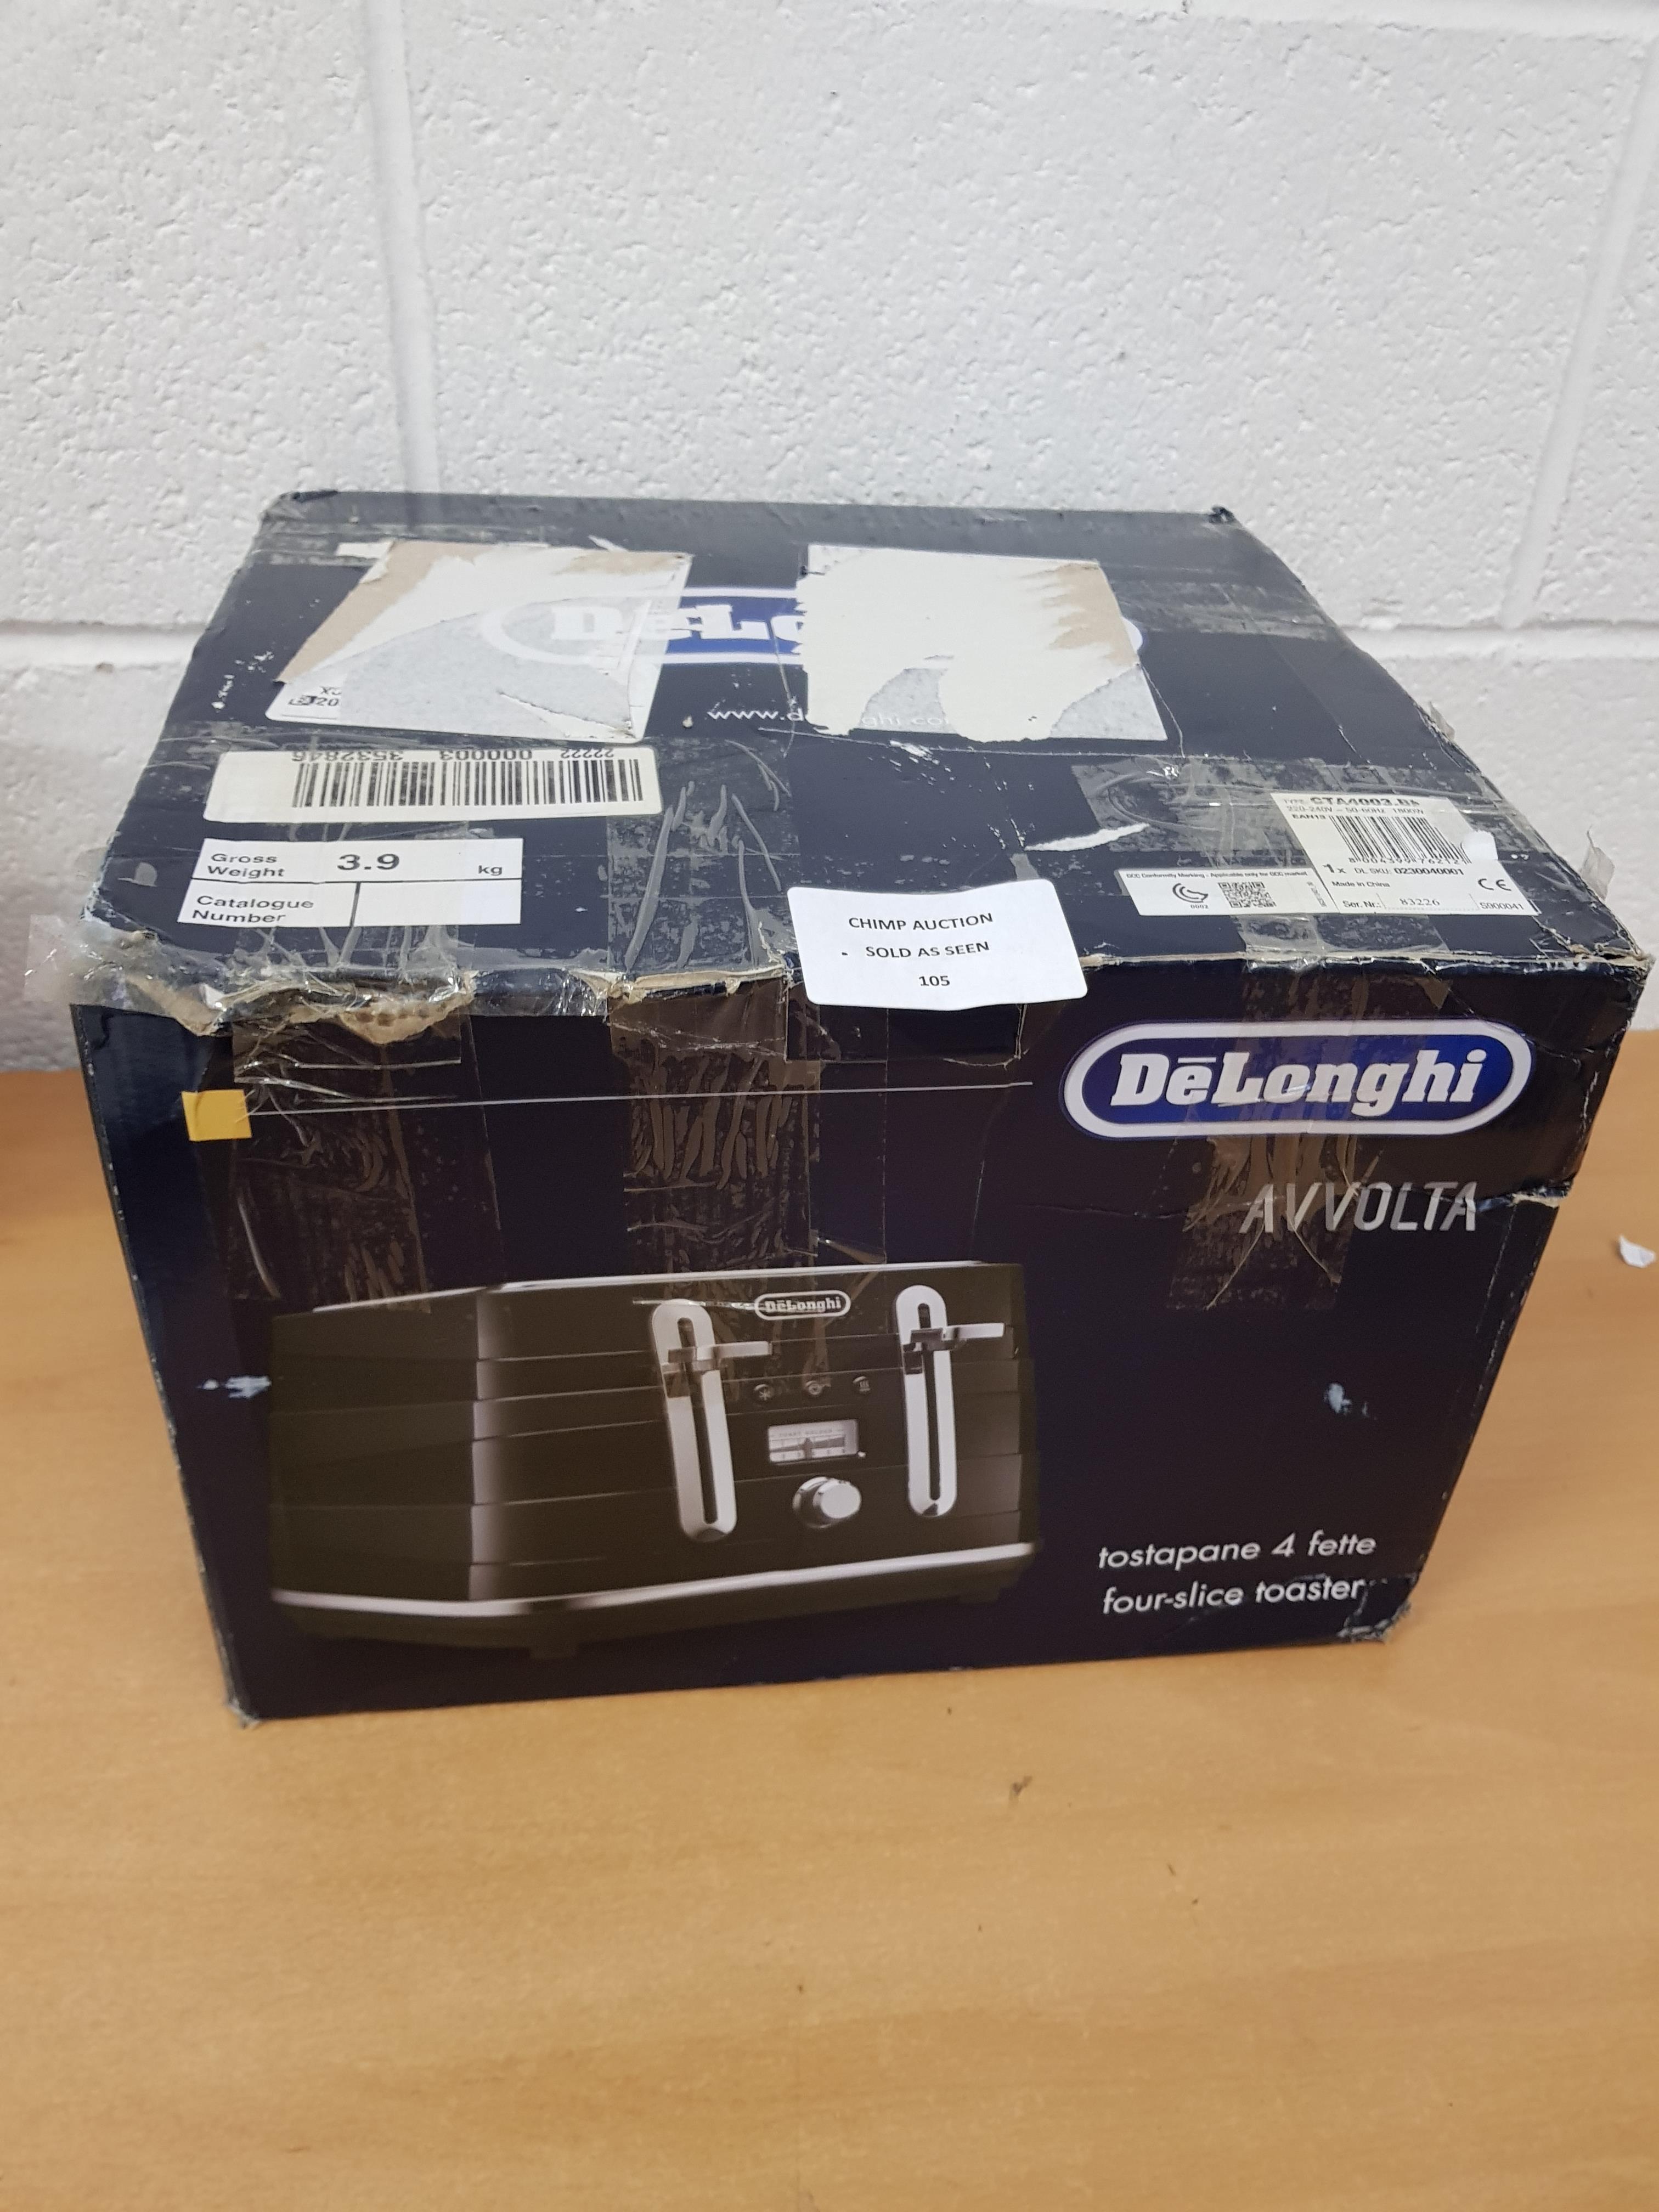 Lot 105 - DeLonghi Avvolta 4 slice toaster